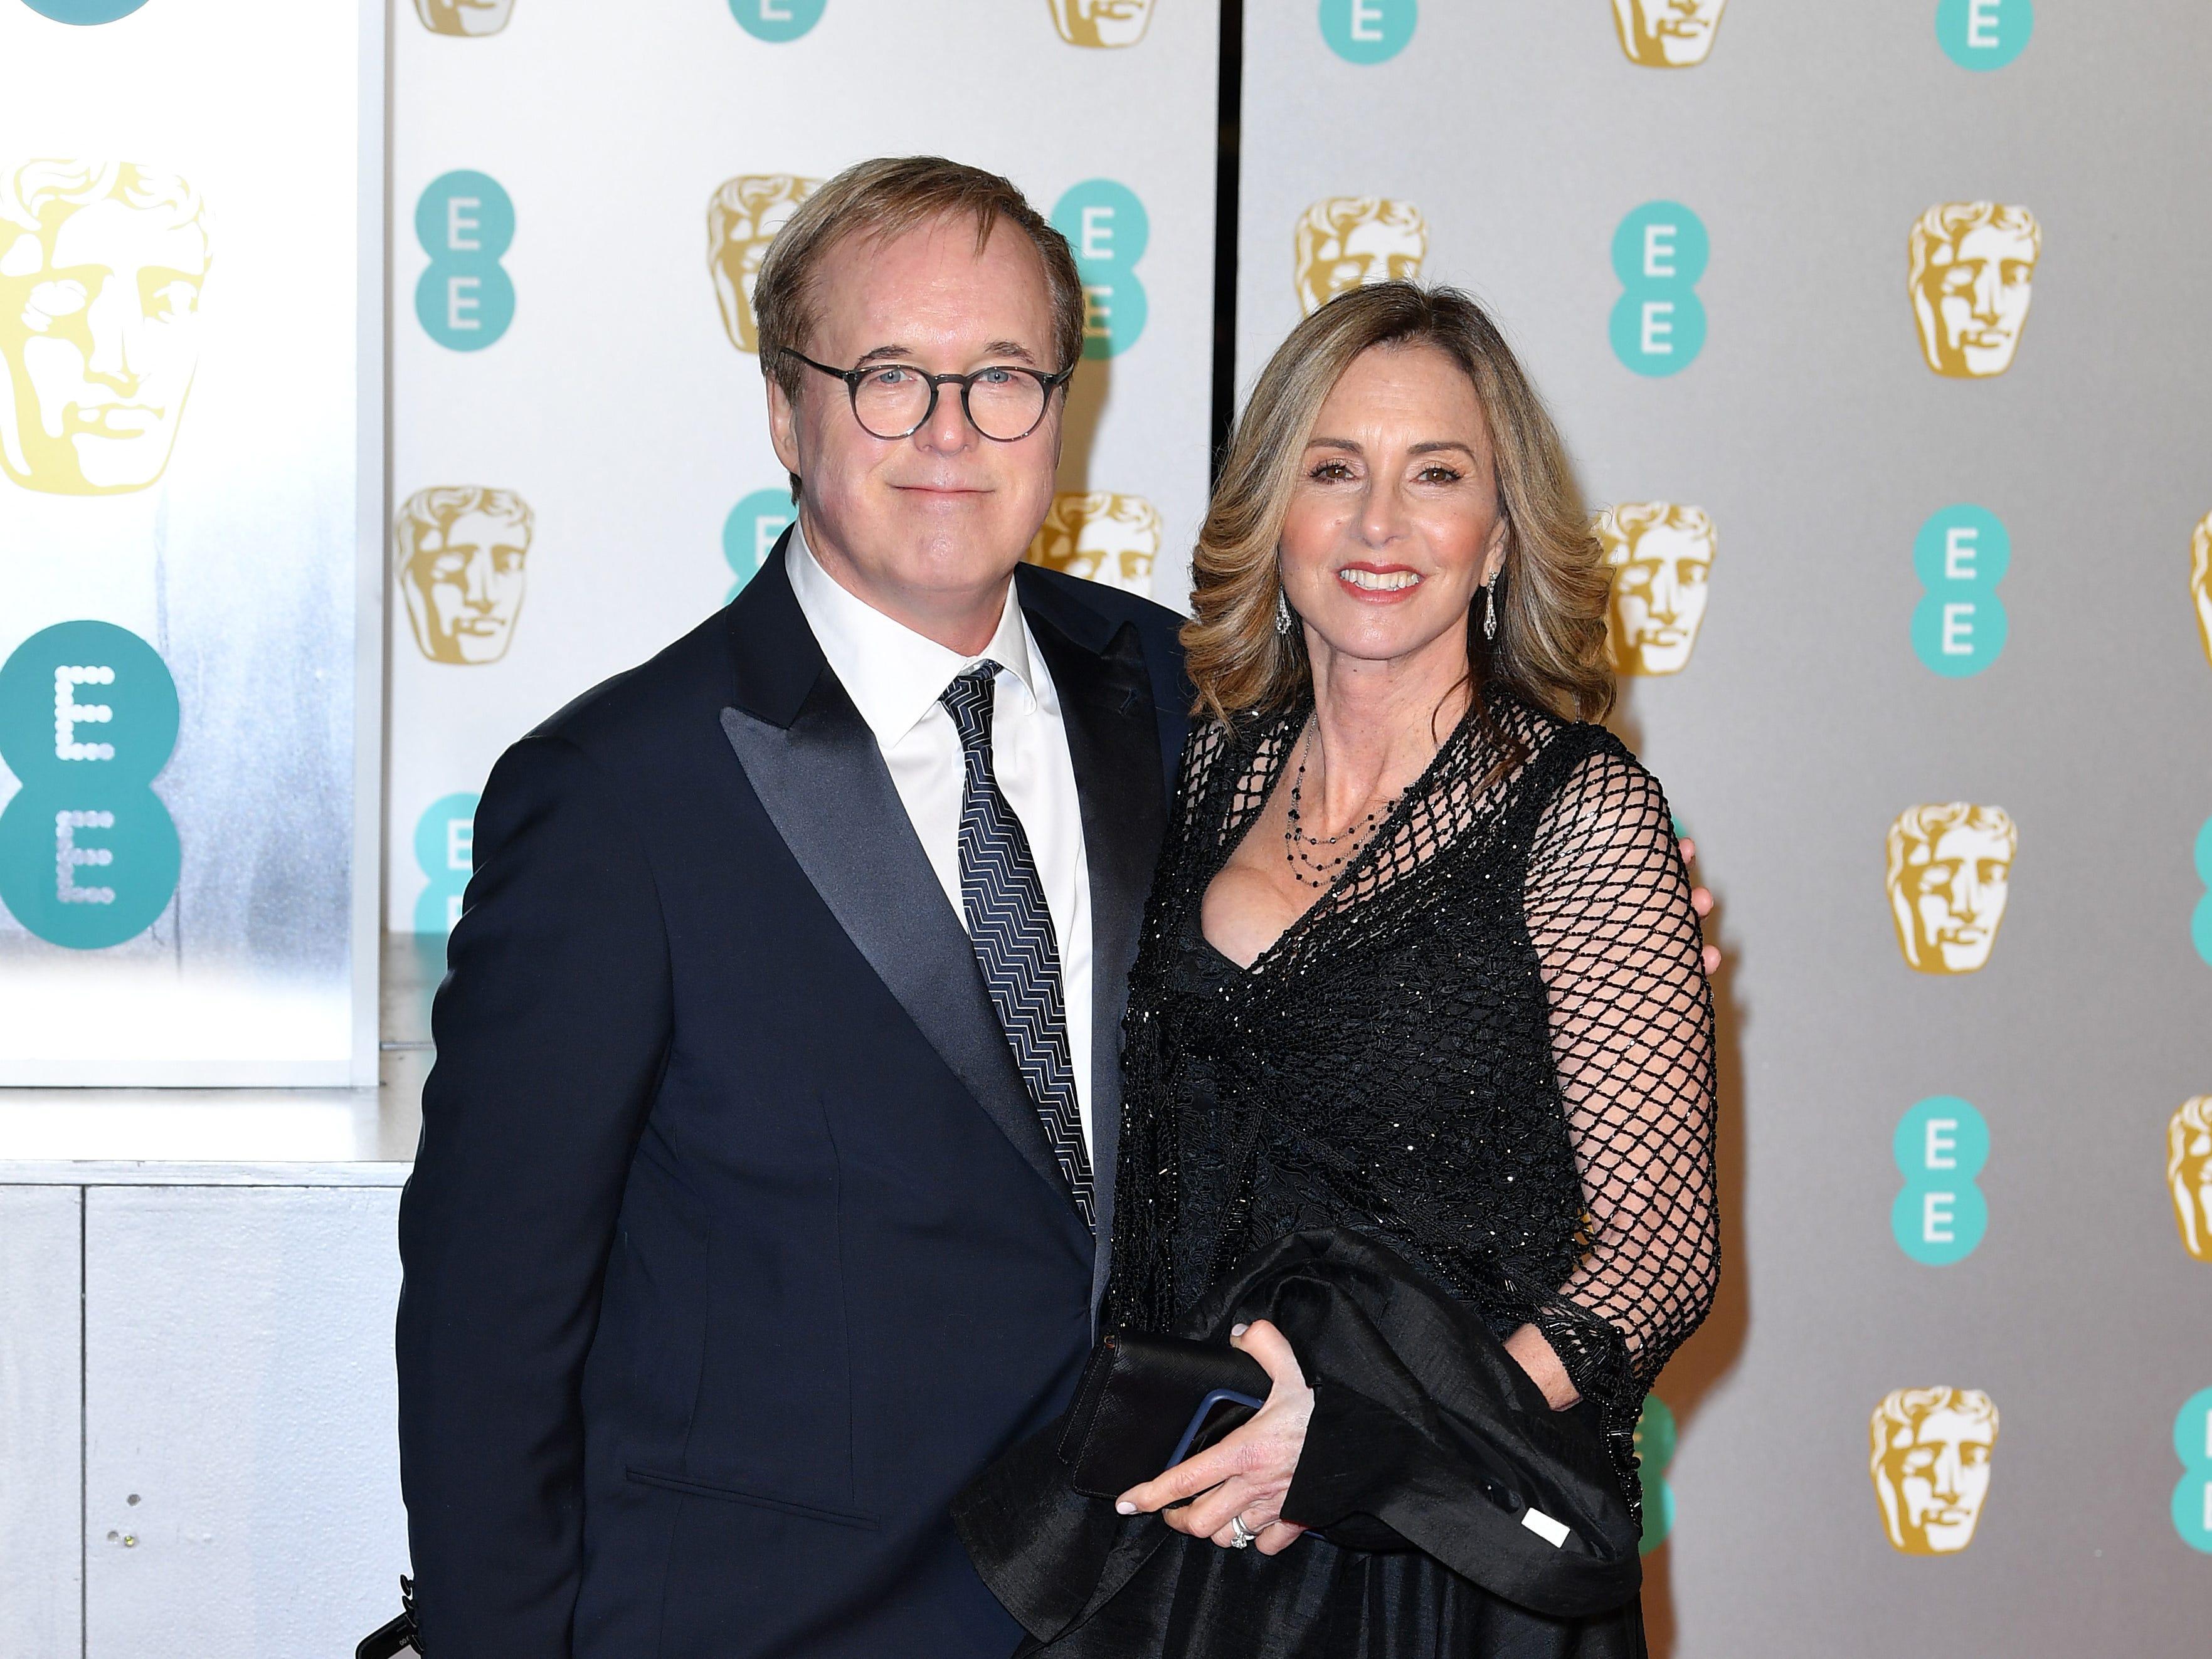 Brad Bird  y Elizabeth Canney a su llegada a la alfombra roja de los Premios de la Academia Británica de Cine BAFTA en el Royal Albert Hall en Londres el 10 de febrero de 2019.